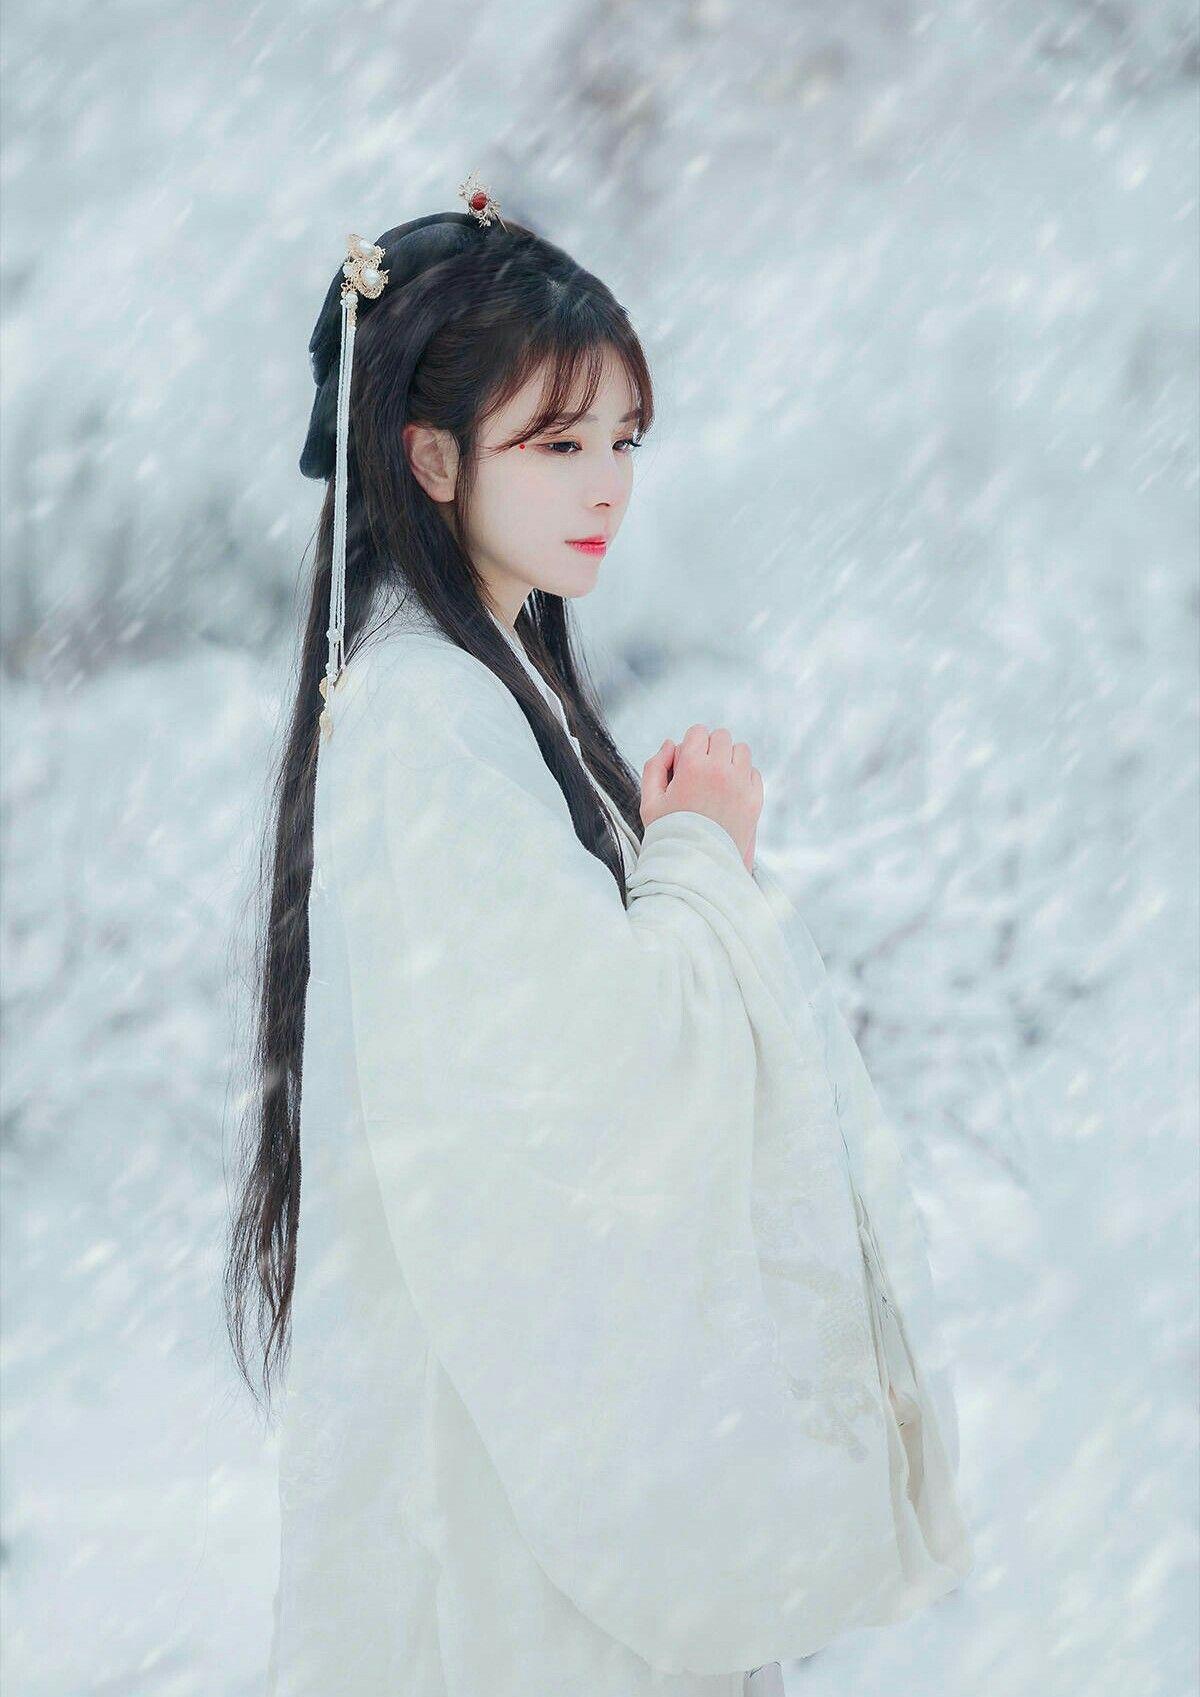 Hình ảnh mỹ nữ trong tuyết cực đẹp